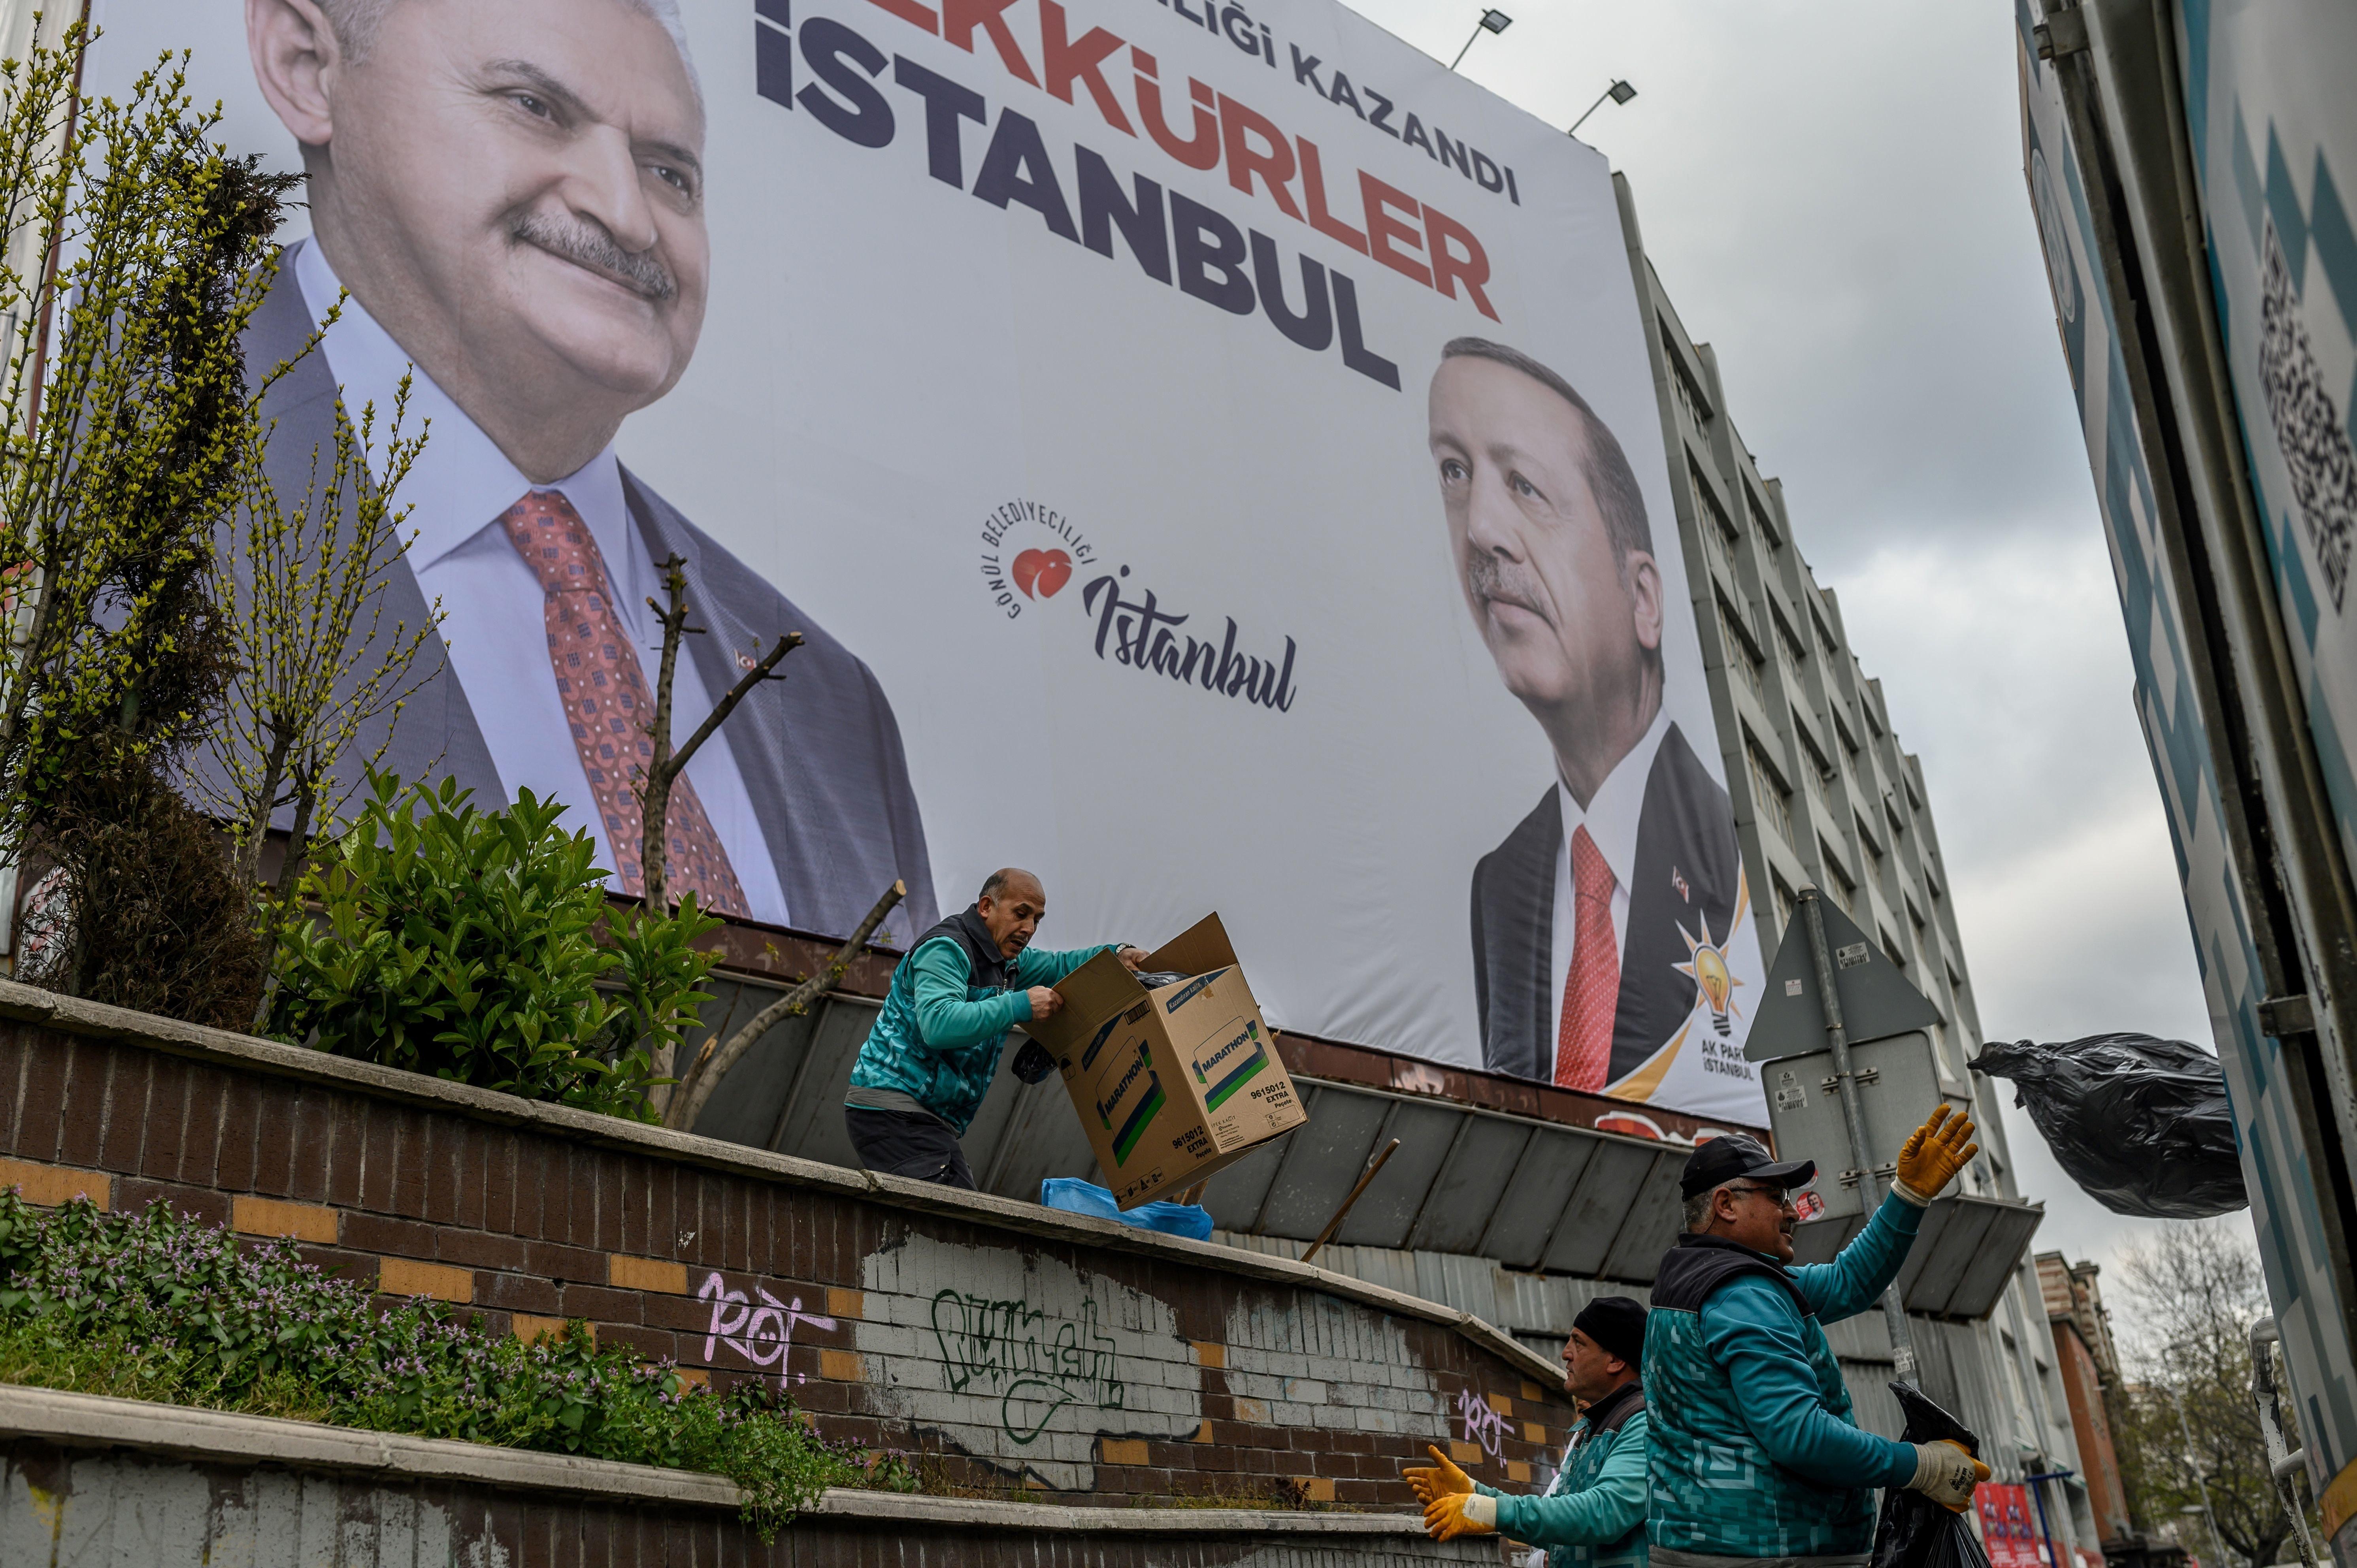 Ρεαλισμός ή ρίσκο; Οι επιλογές Ερντογάν μετά τις αυτοδιοικητικές